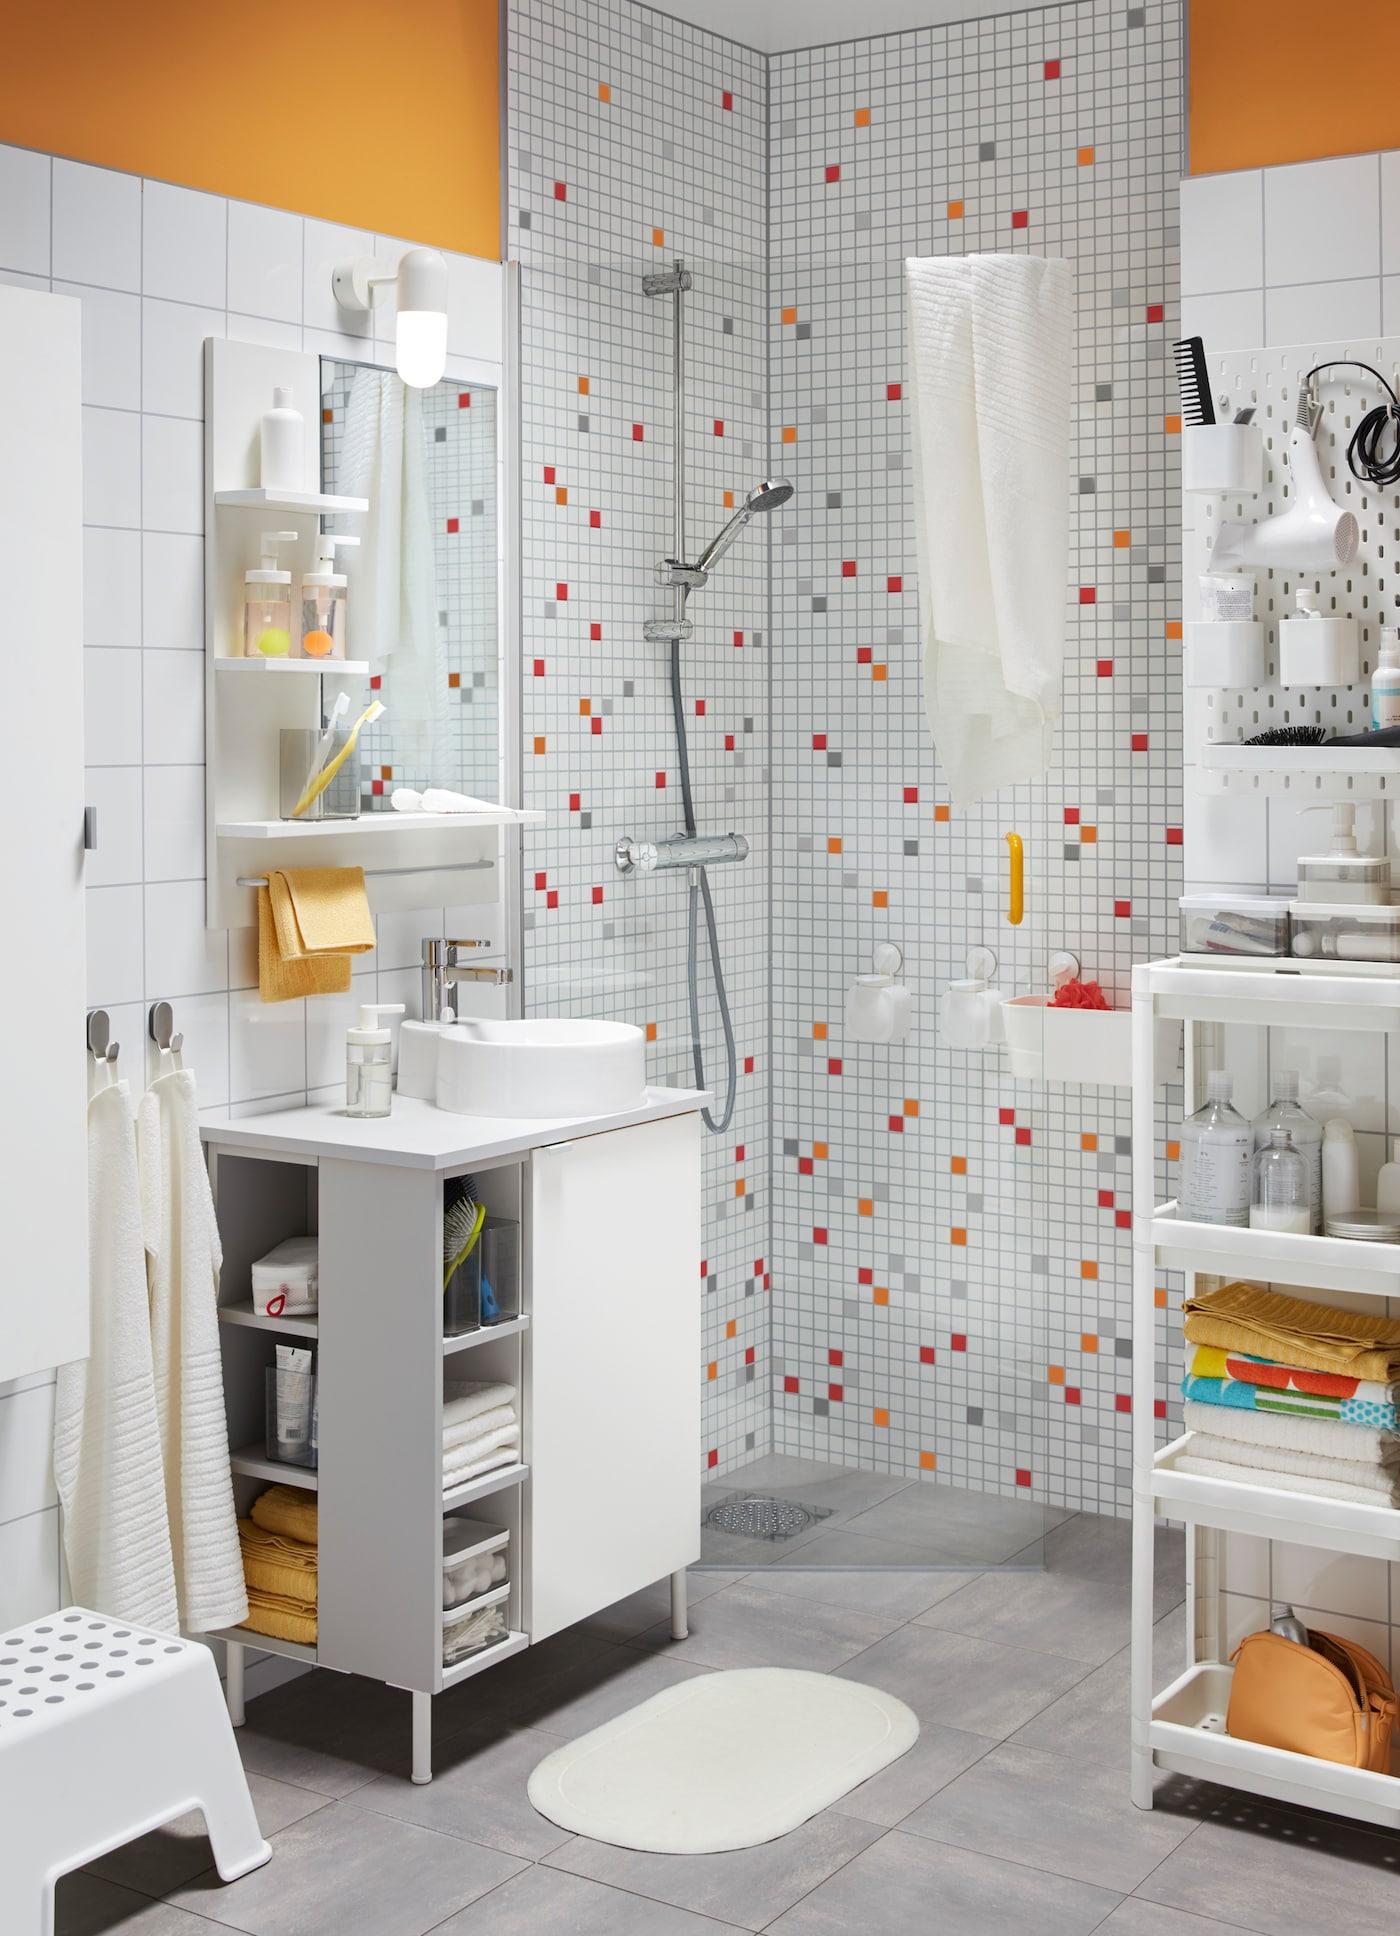 Superieur Aménagez Une Petite Salle De Bain Pour Les Enfants Et Les Invités Avec La  Série IKEA